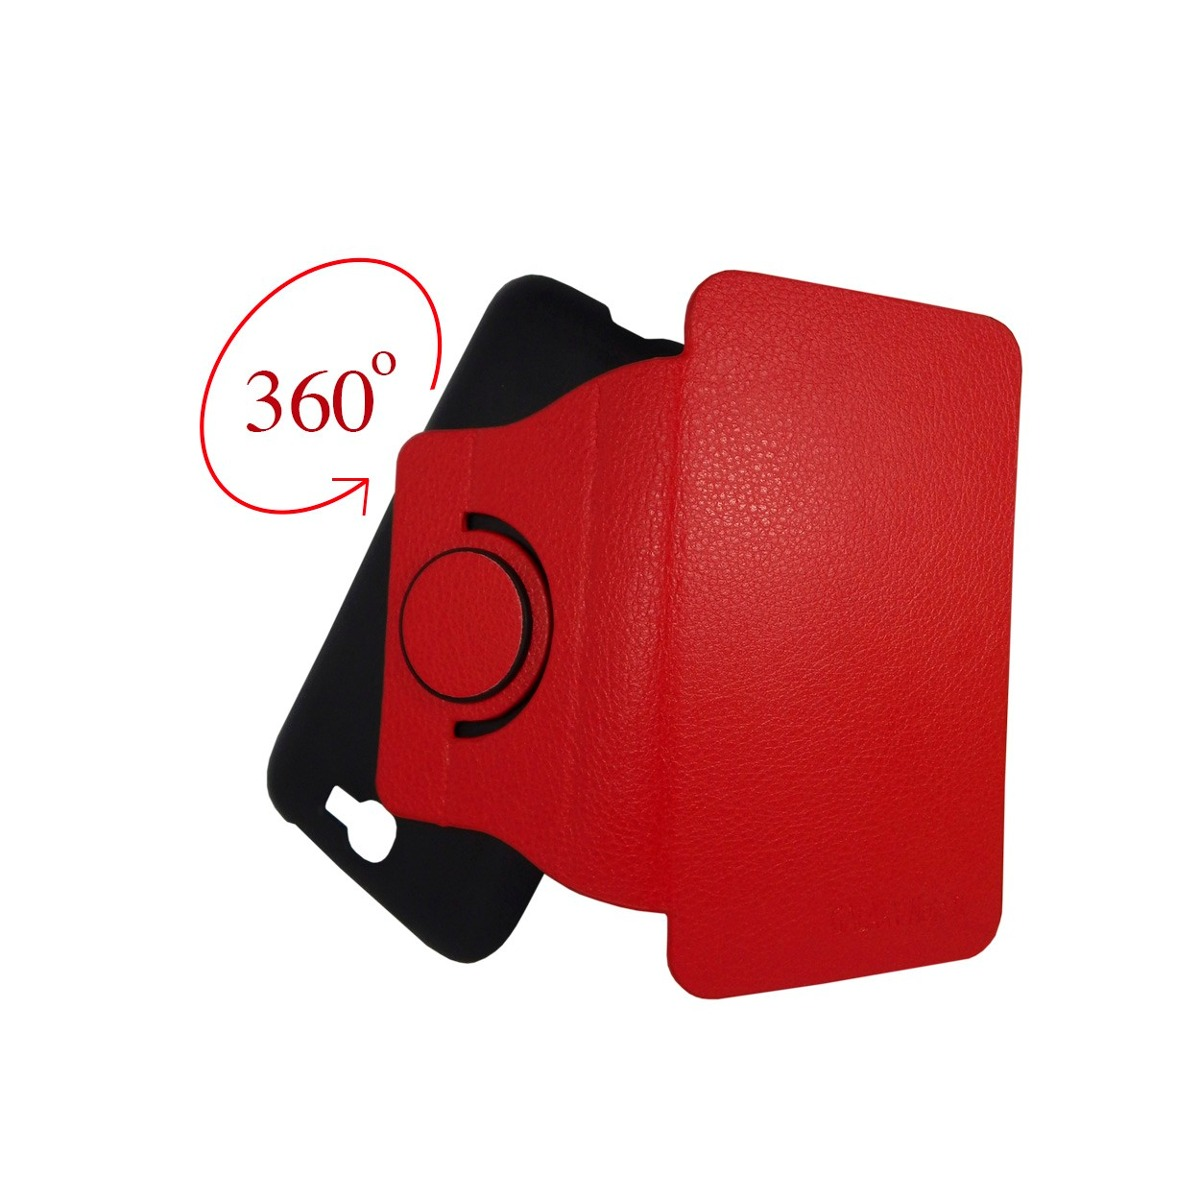 Samsung galaxy note 2 funda giratoria flip cover stand rojo en mercado libre - Note 2 fundas ...